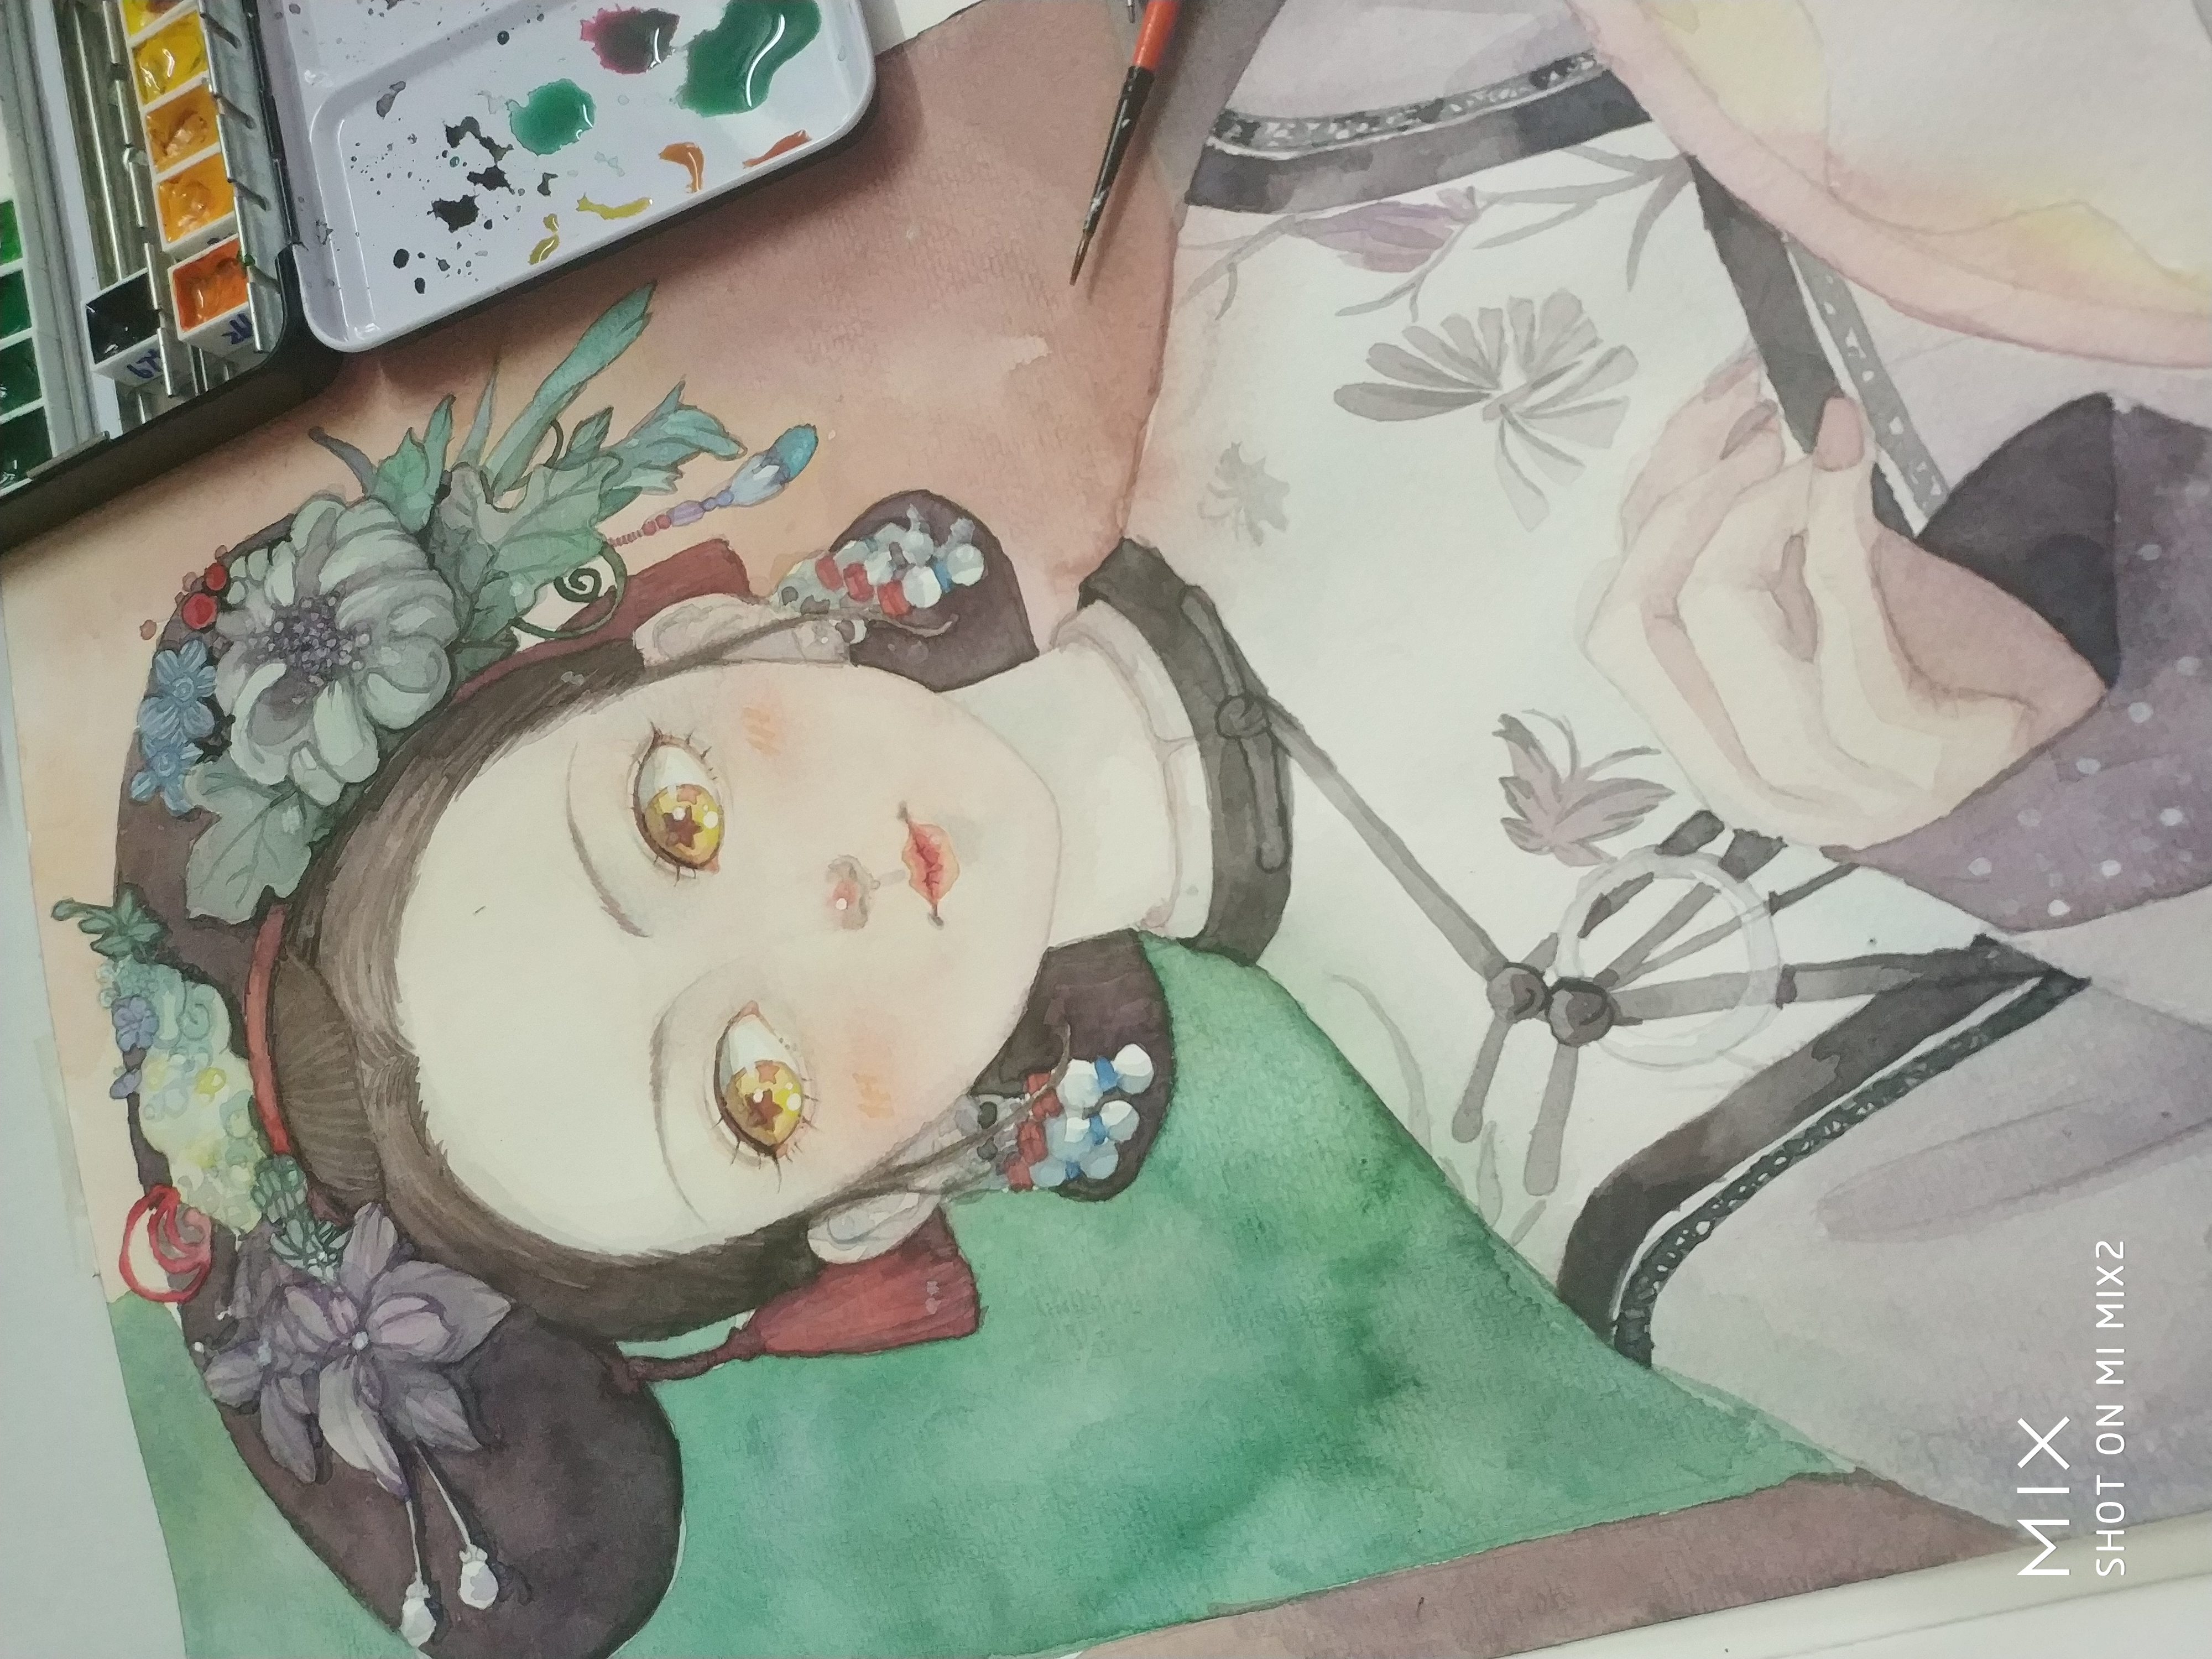 延禧攻略小璎珞,水彩手绘